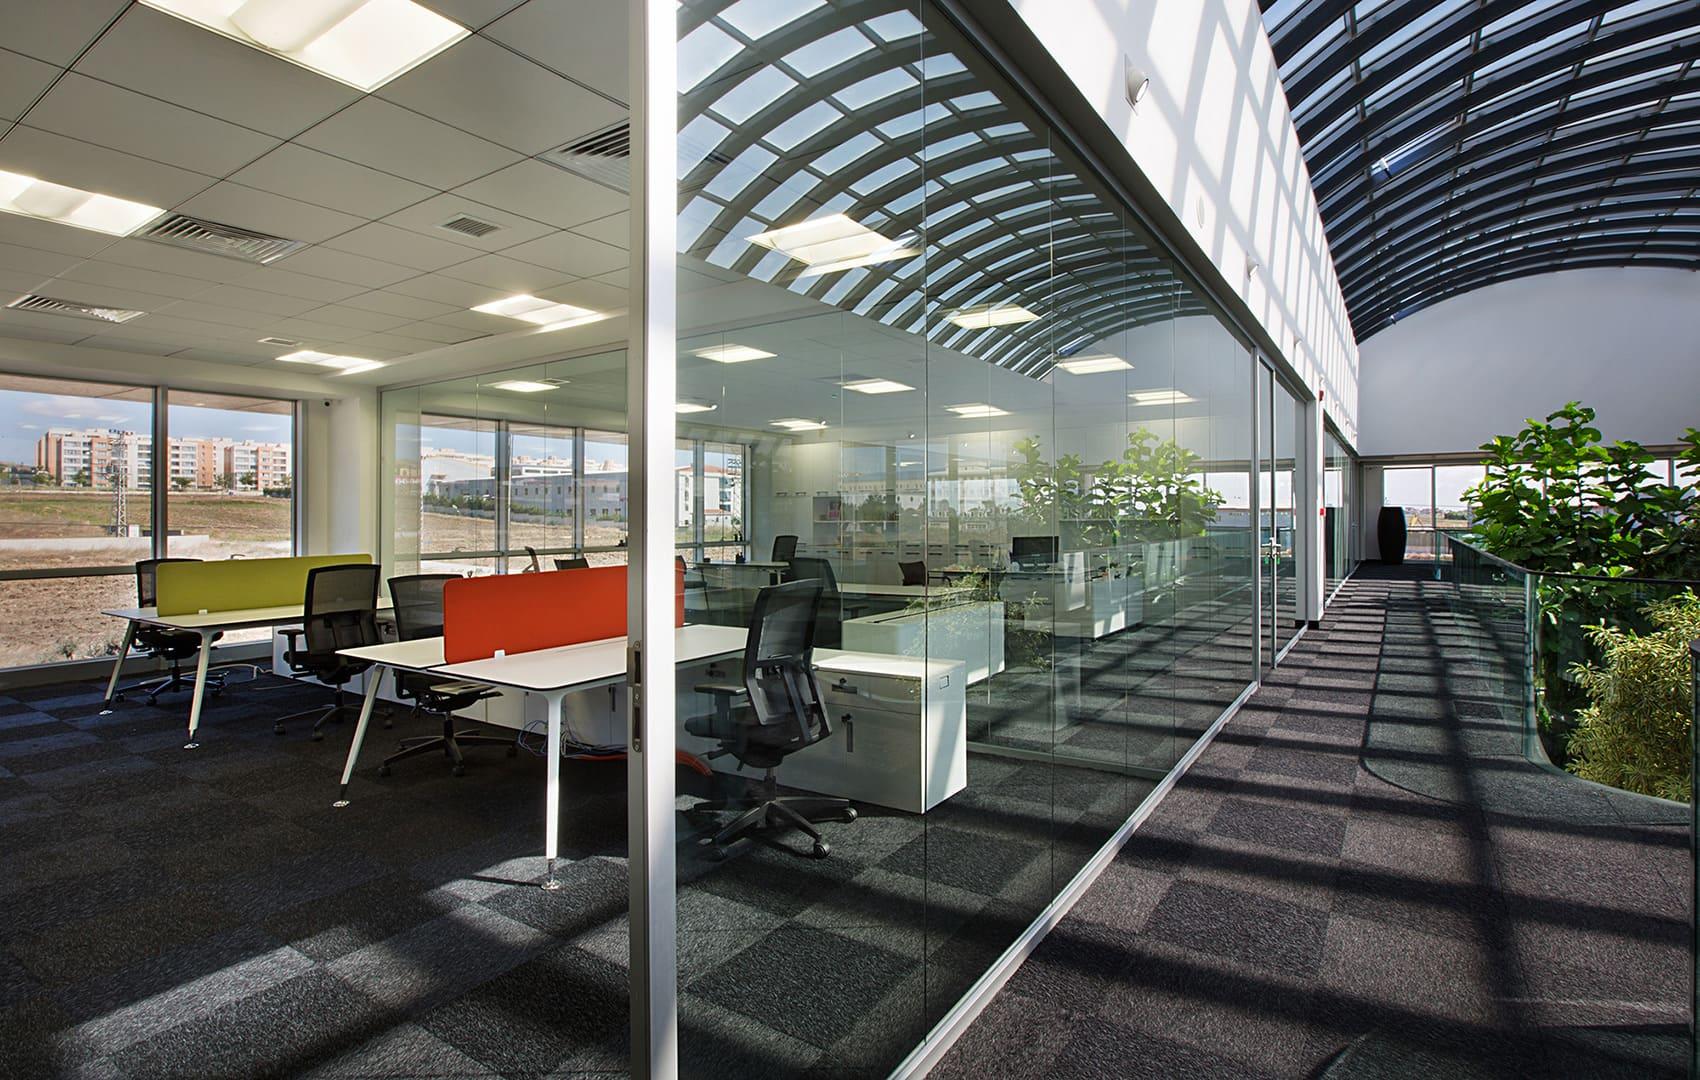 Temizlik şirketlerinden ofisler ve ofisler için temizlik hizmetleri ideal bir çözümdür